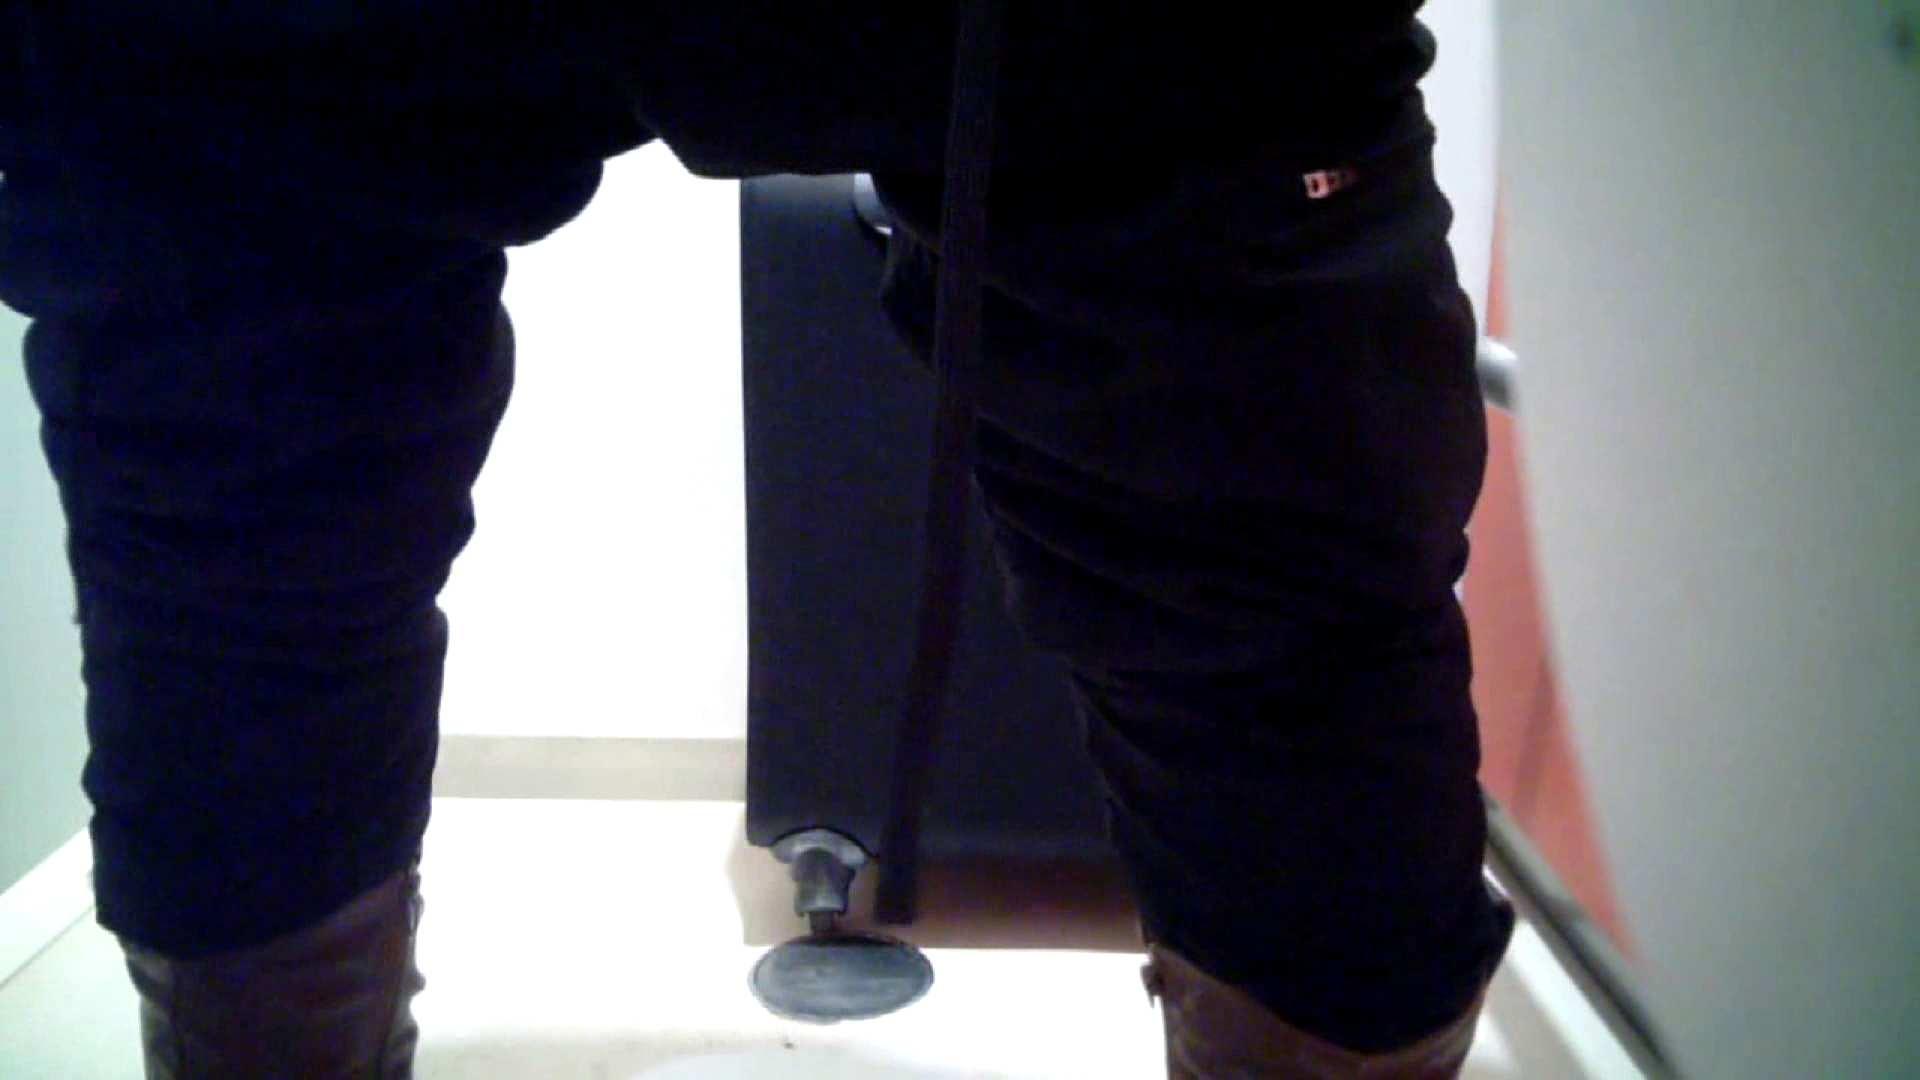 痴態洗面所 Vol.05 今回は下からのアングルたっぷりで!! 洗面所のぞき アダルト動画キャプチャ 105枚 41